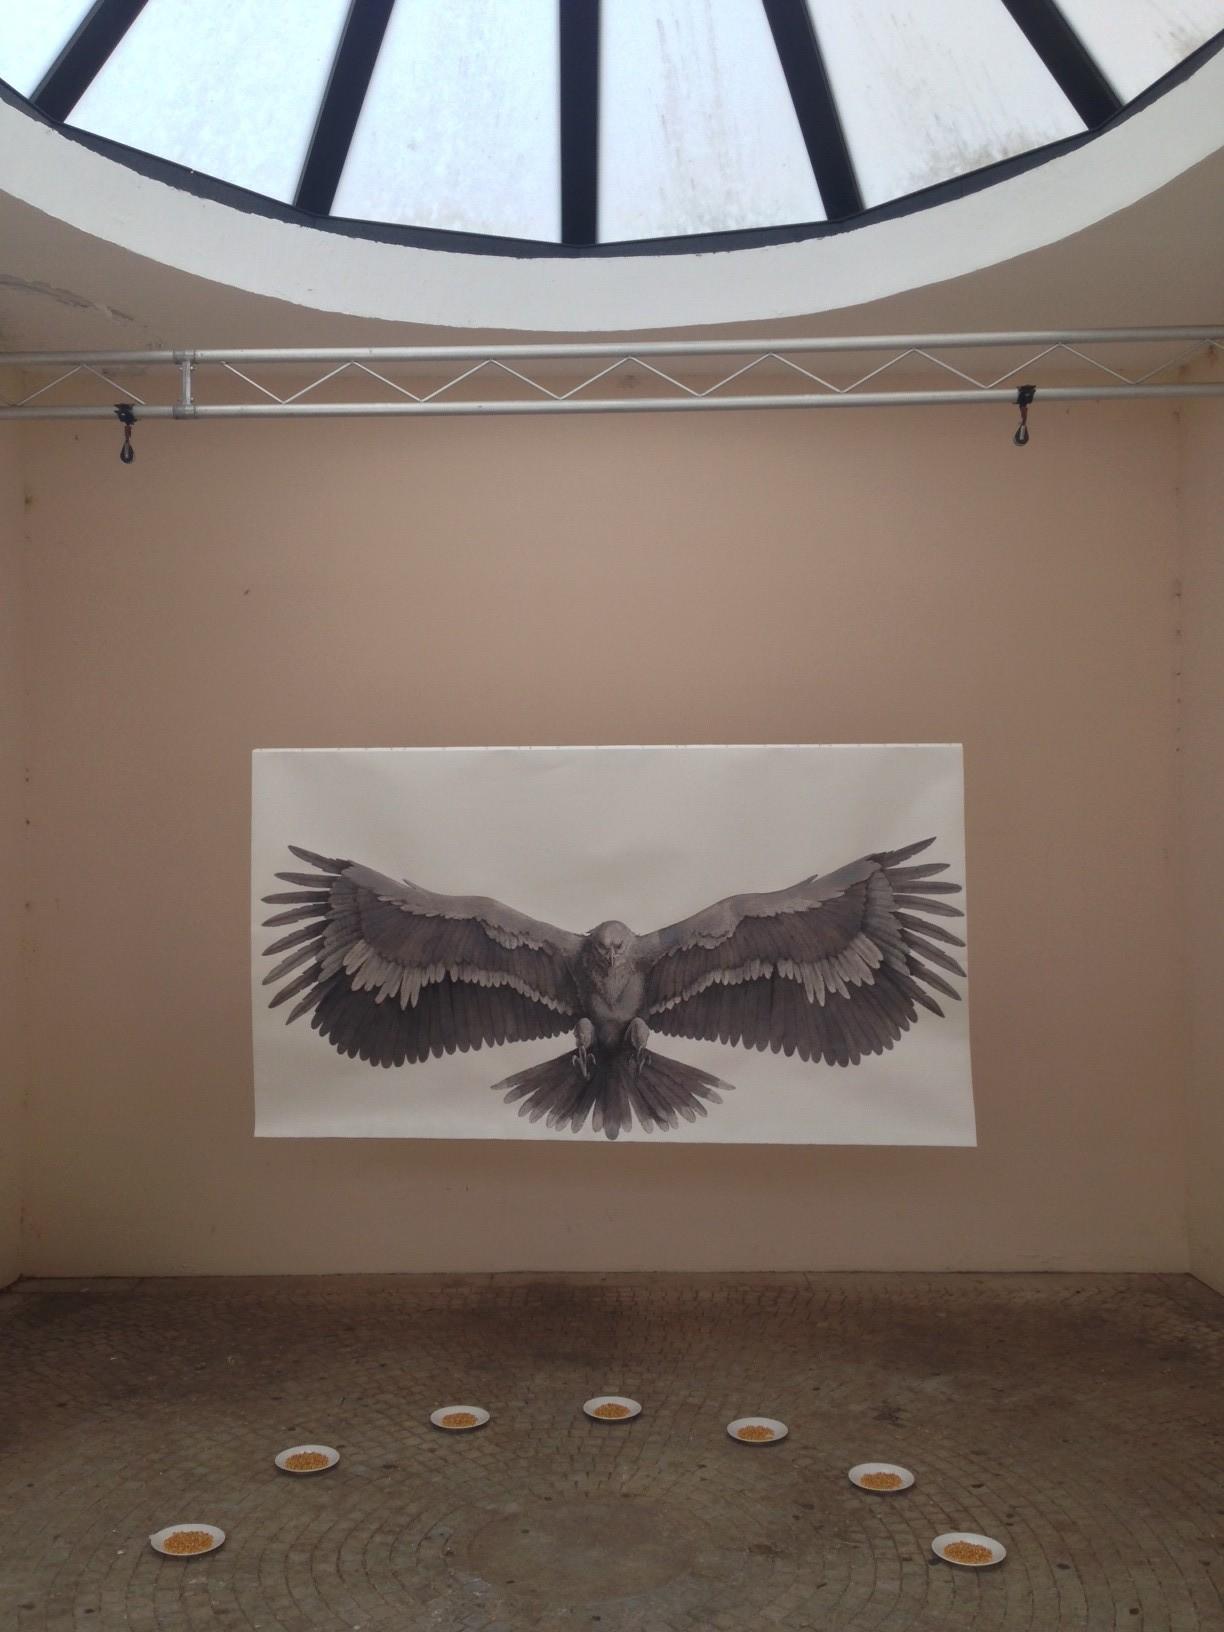 Vanni Cuoghi, The Scarescrow, installazione, tecnica mista su carta, Serre di Piazza Martinelli